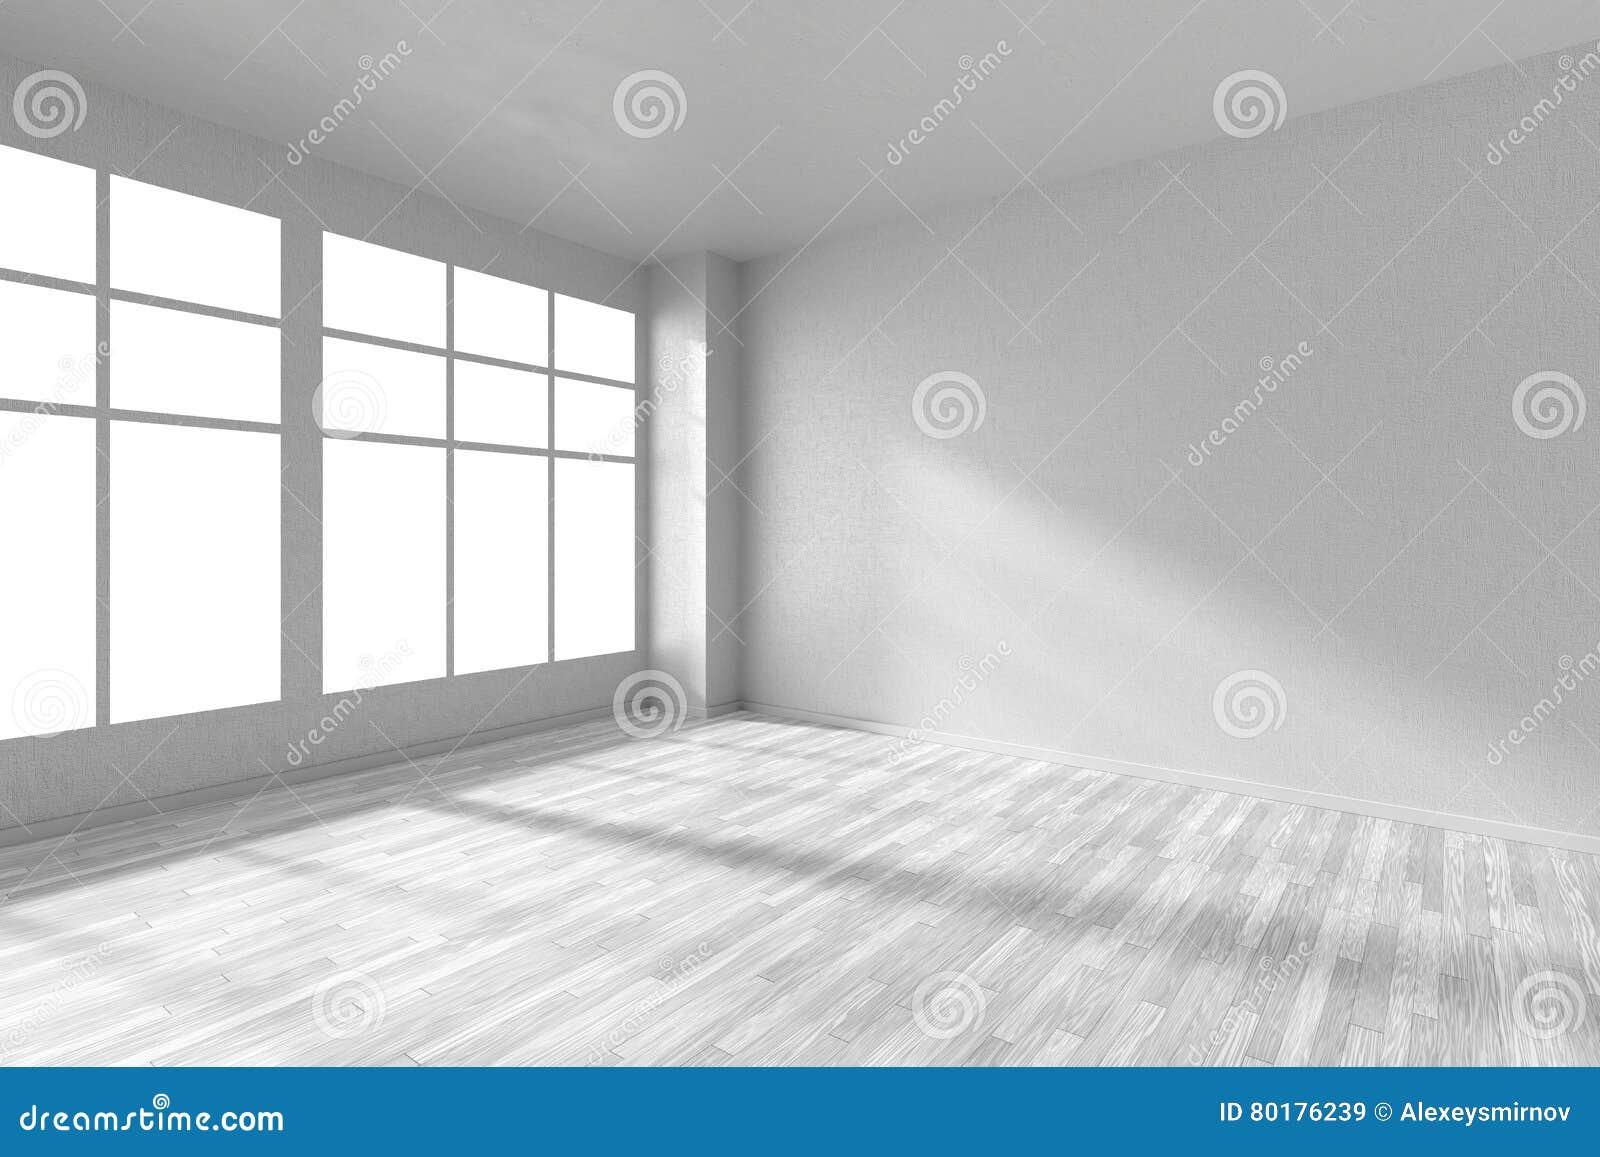 Pi Ce Vide Avec Le Plancher De Parquet Blanc Les Murs Blancs